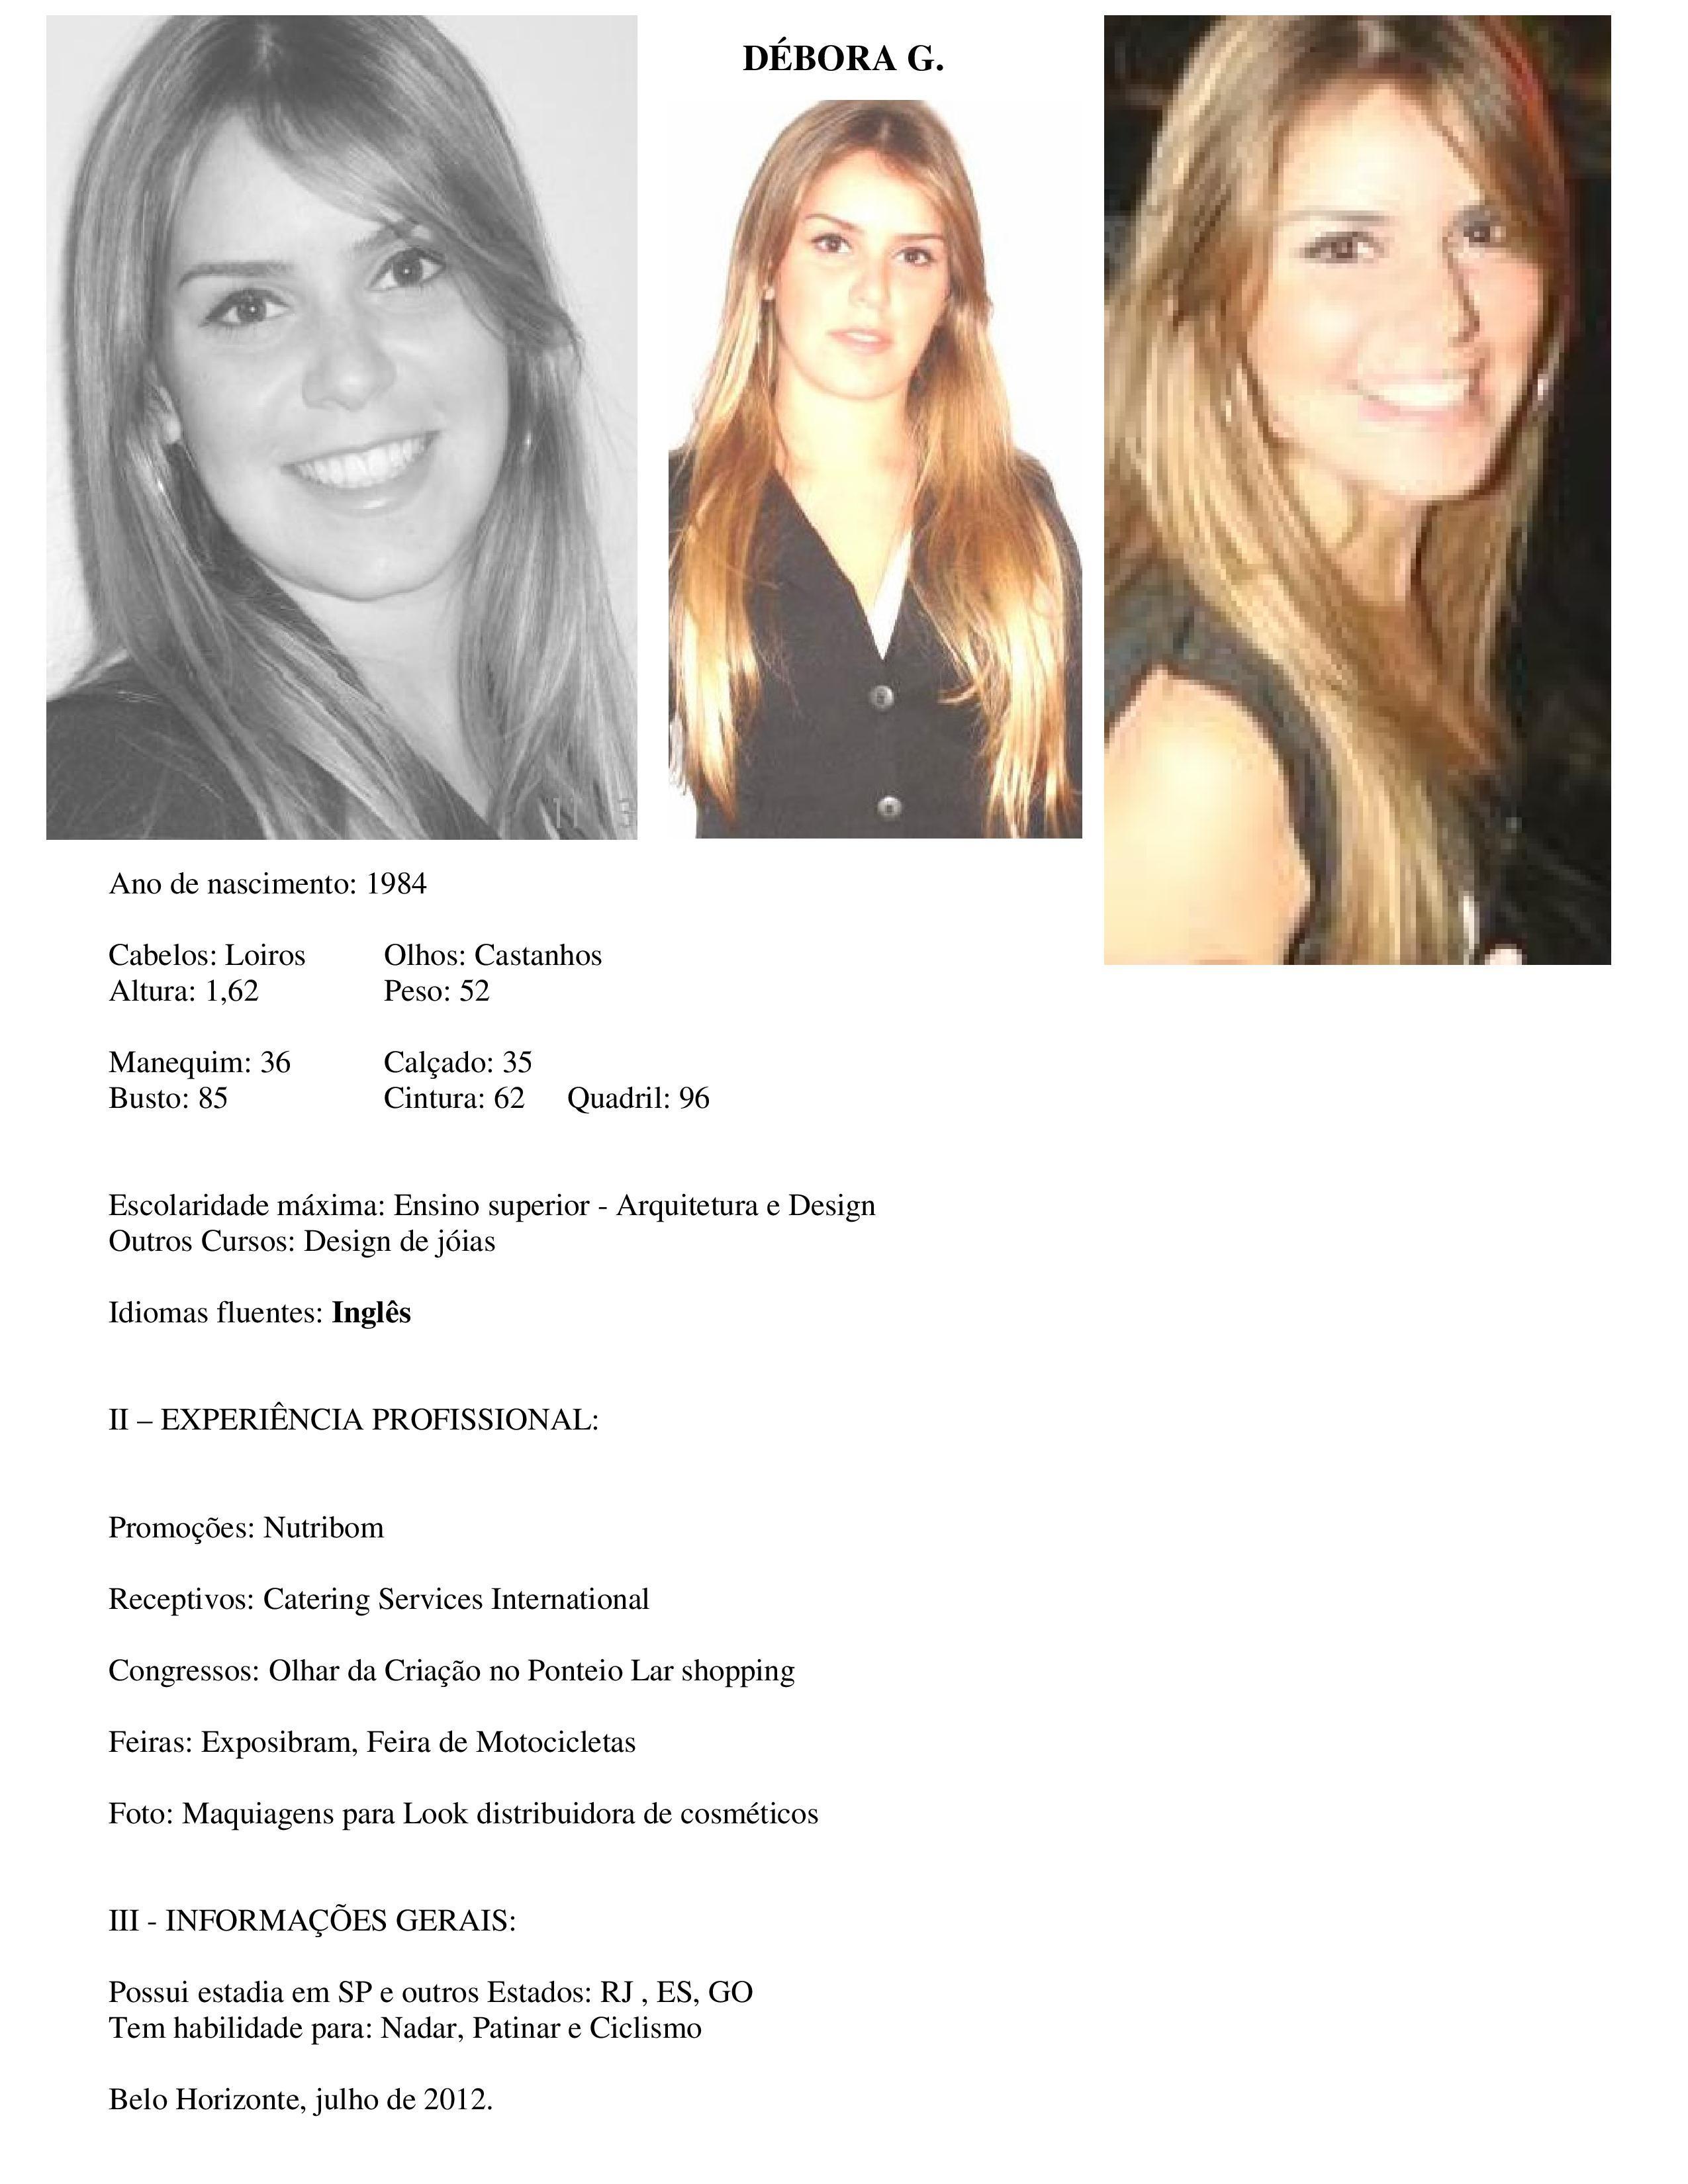 Debora Gomes-page-001